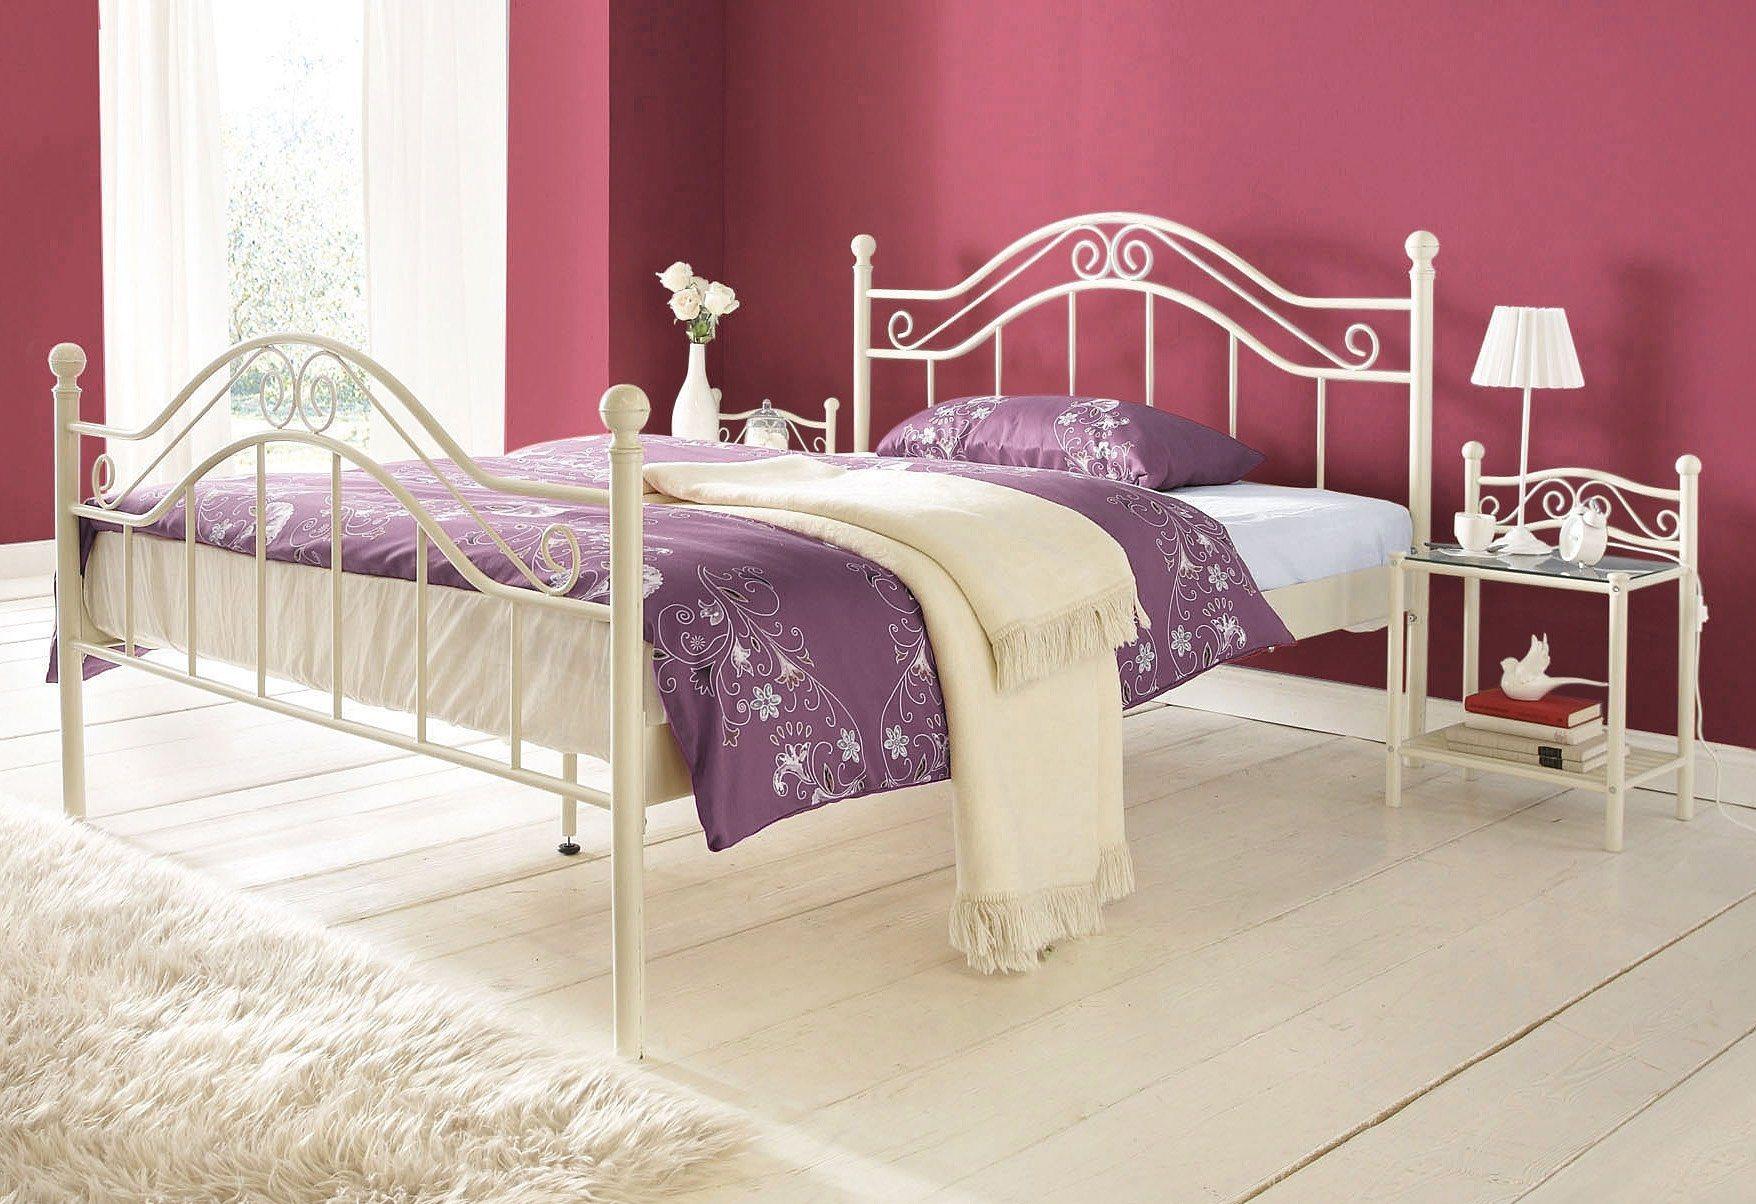 Metallbett, Home affaire | Schlafzimmer > Betten > Metallbetten | Home affaire